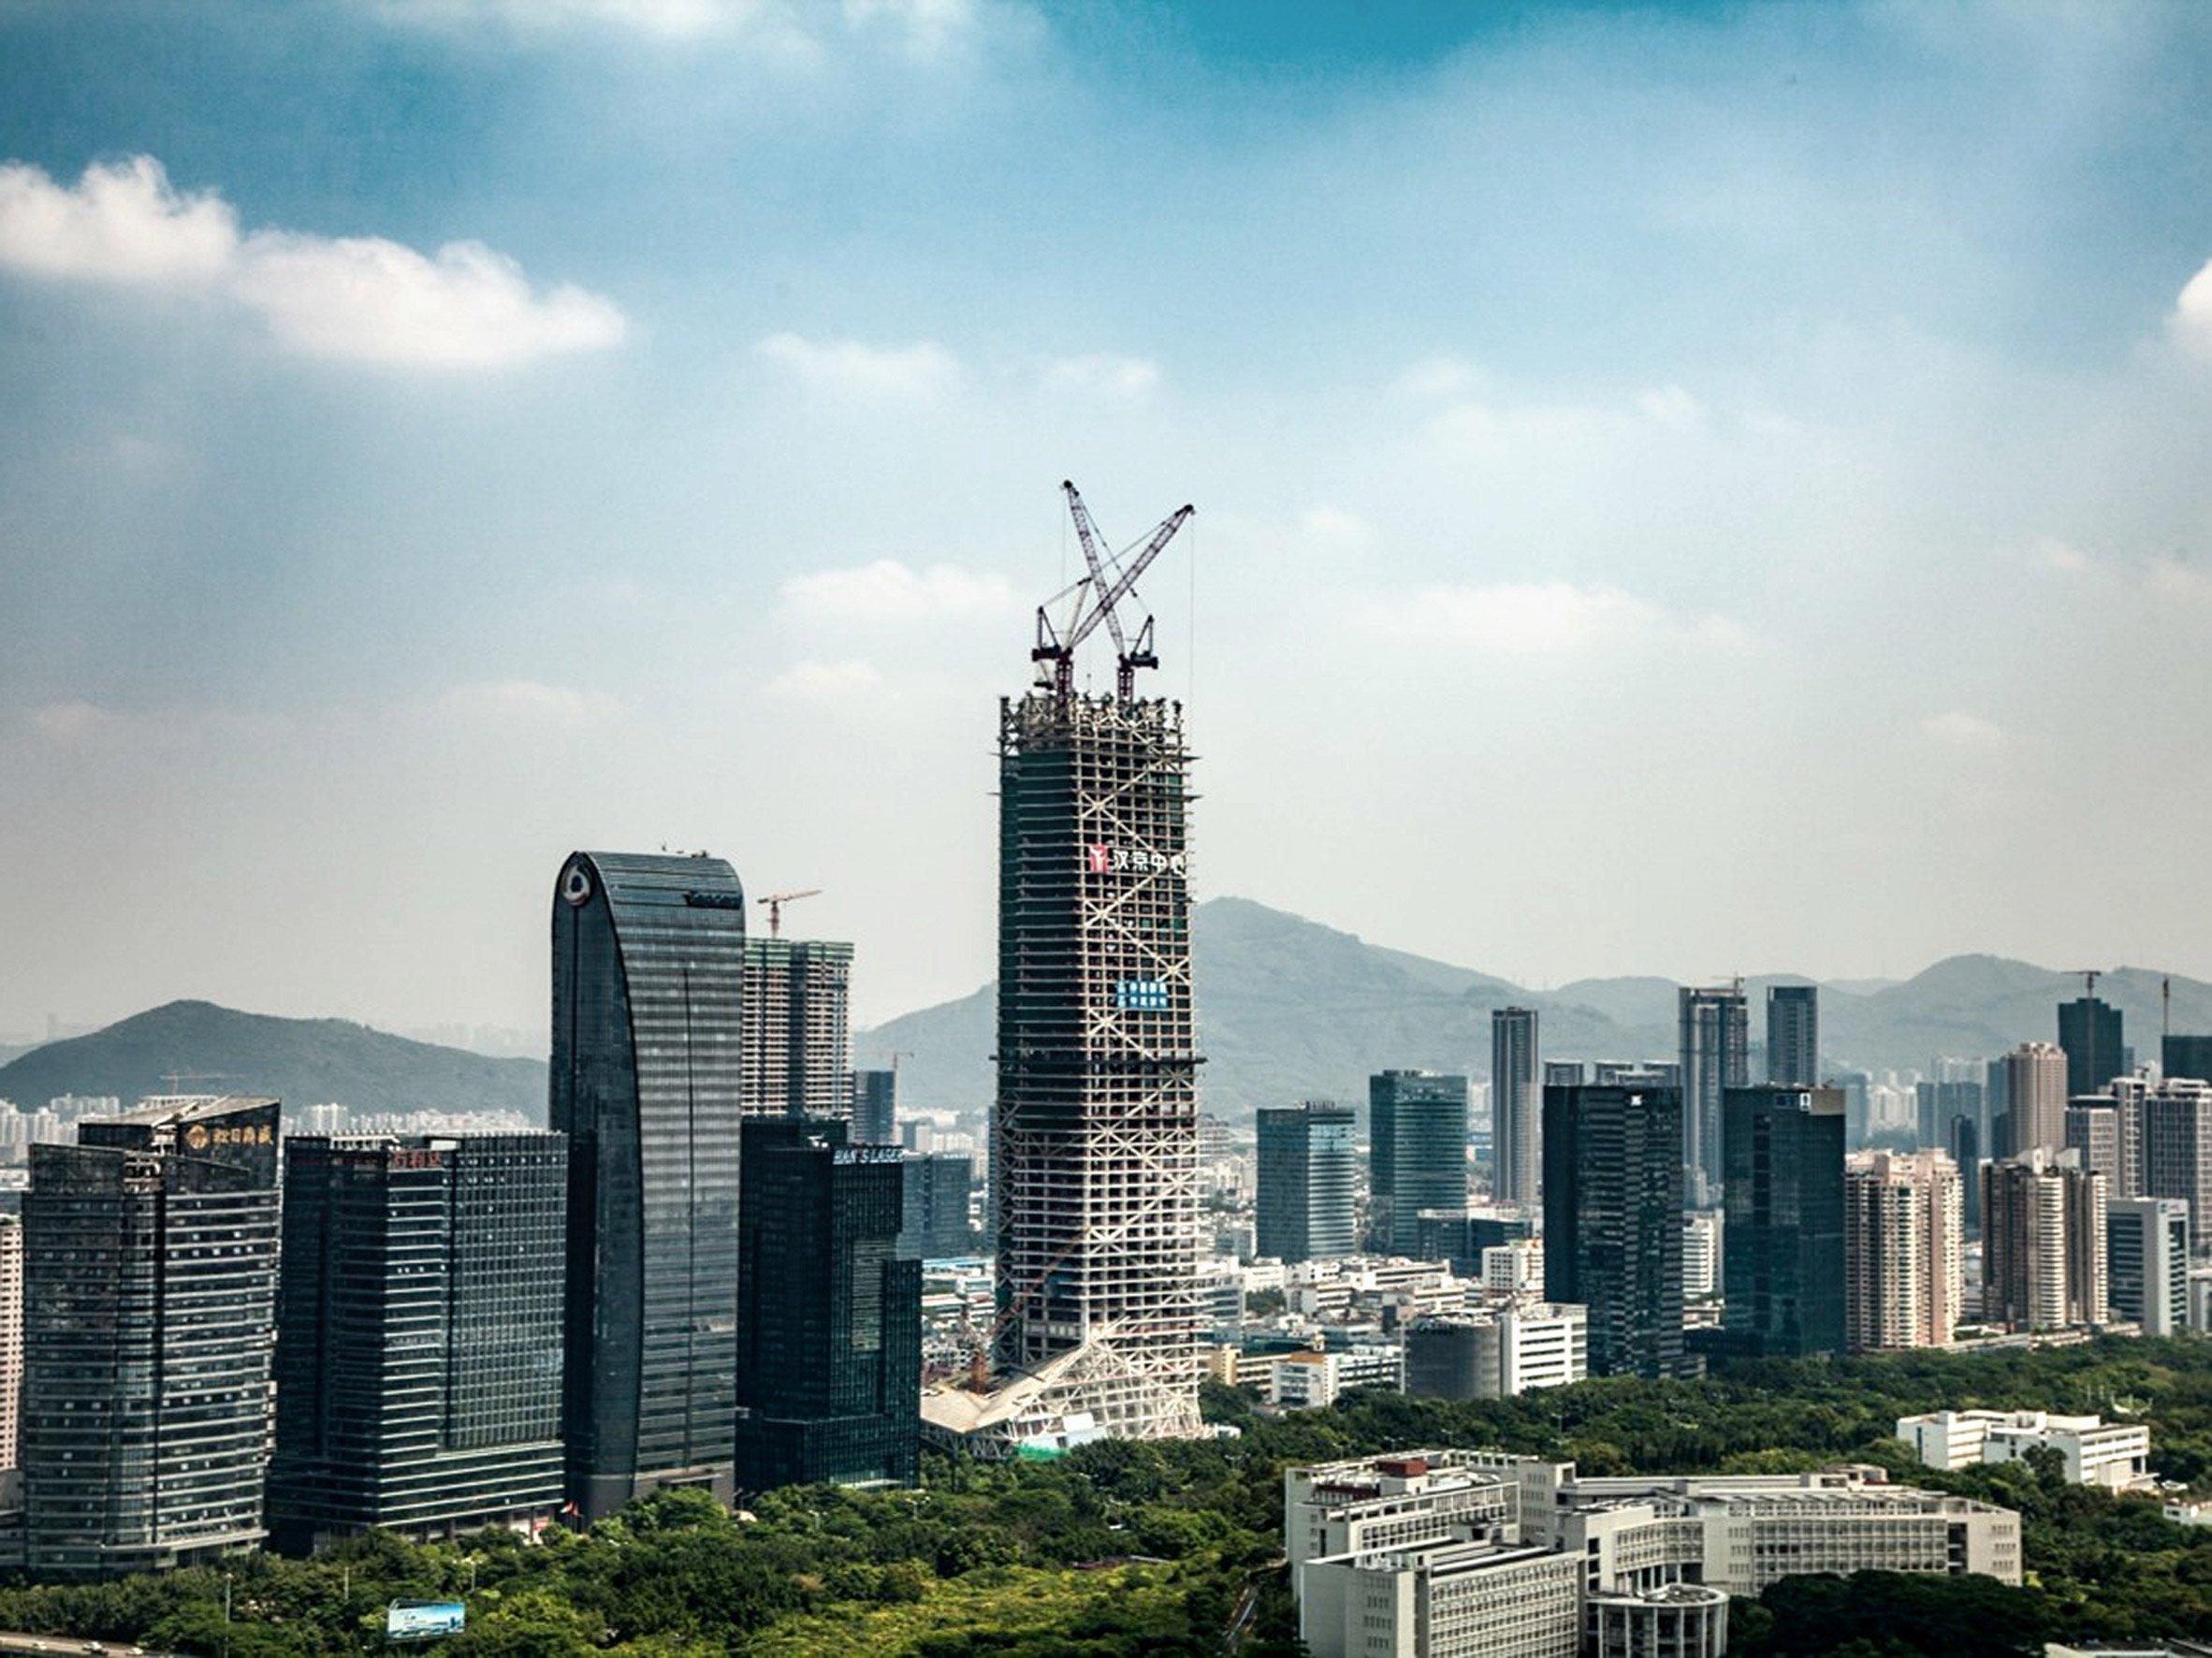 hanking-centre-tower-morphosis-architecture-shenzhen_dezeen_2364_col_0